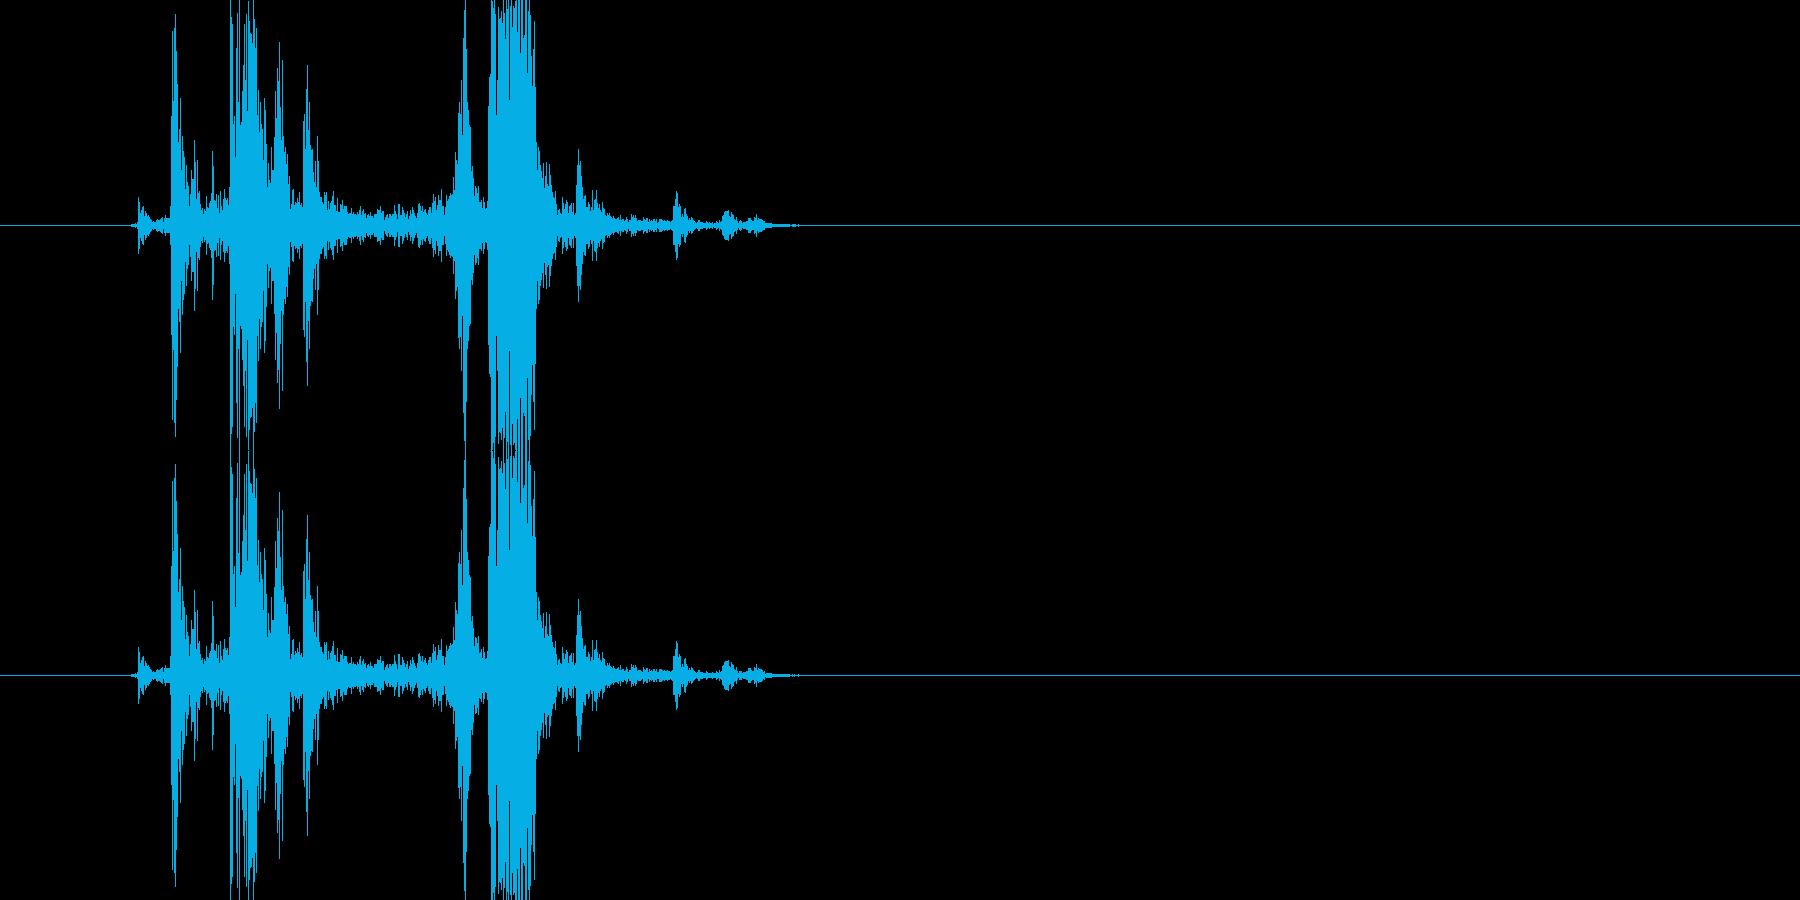 カメラのシャッター音3(カチッ)の再生済みの波形